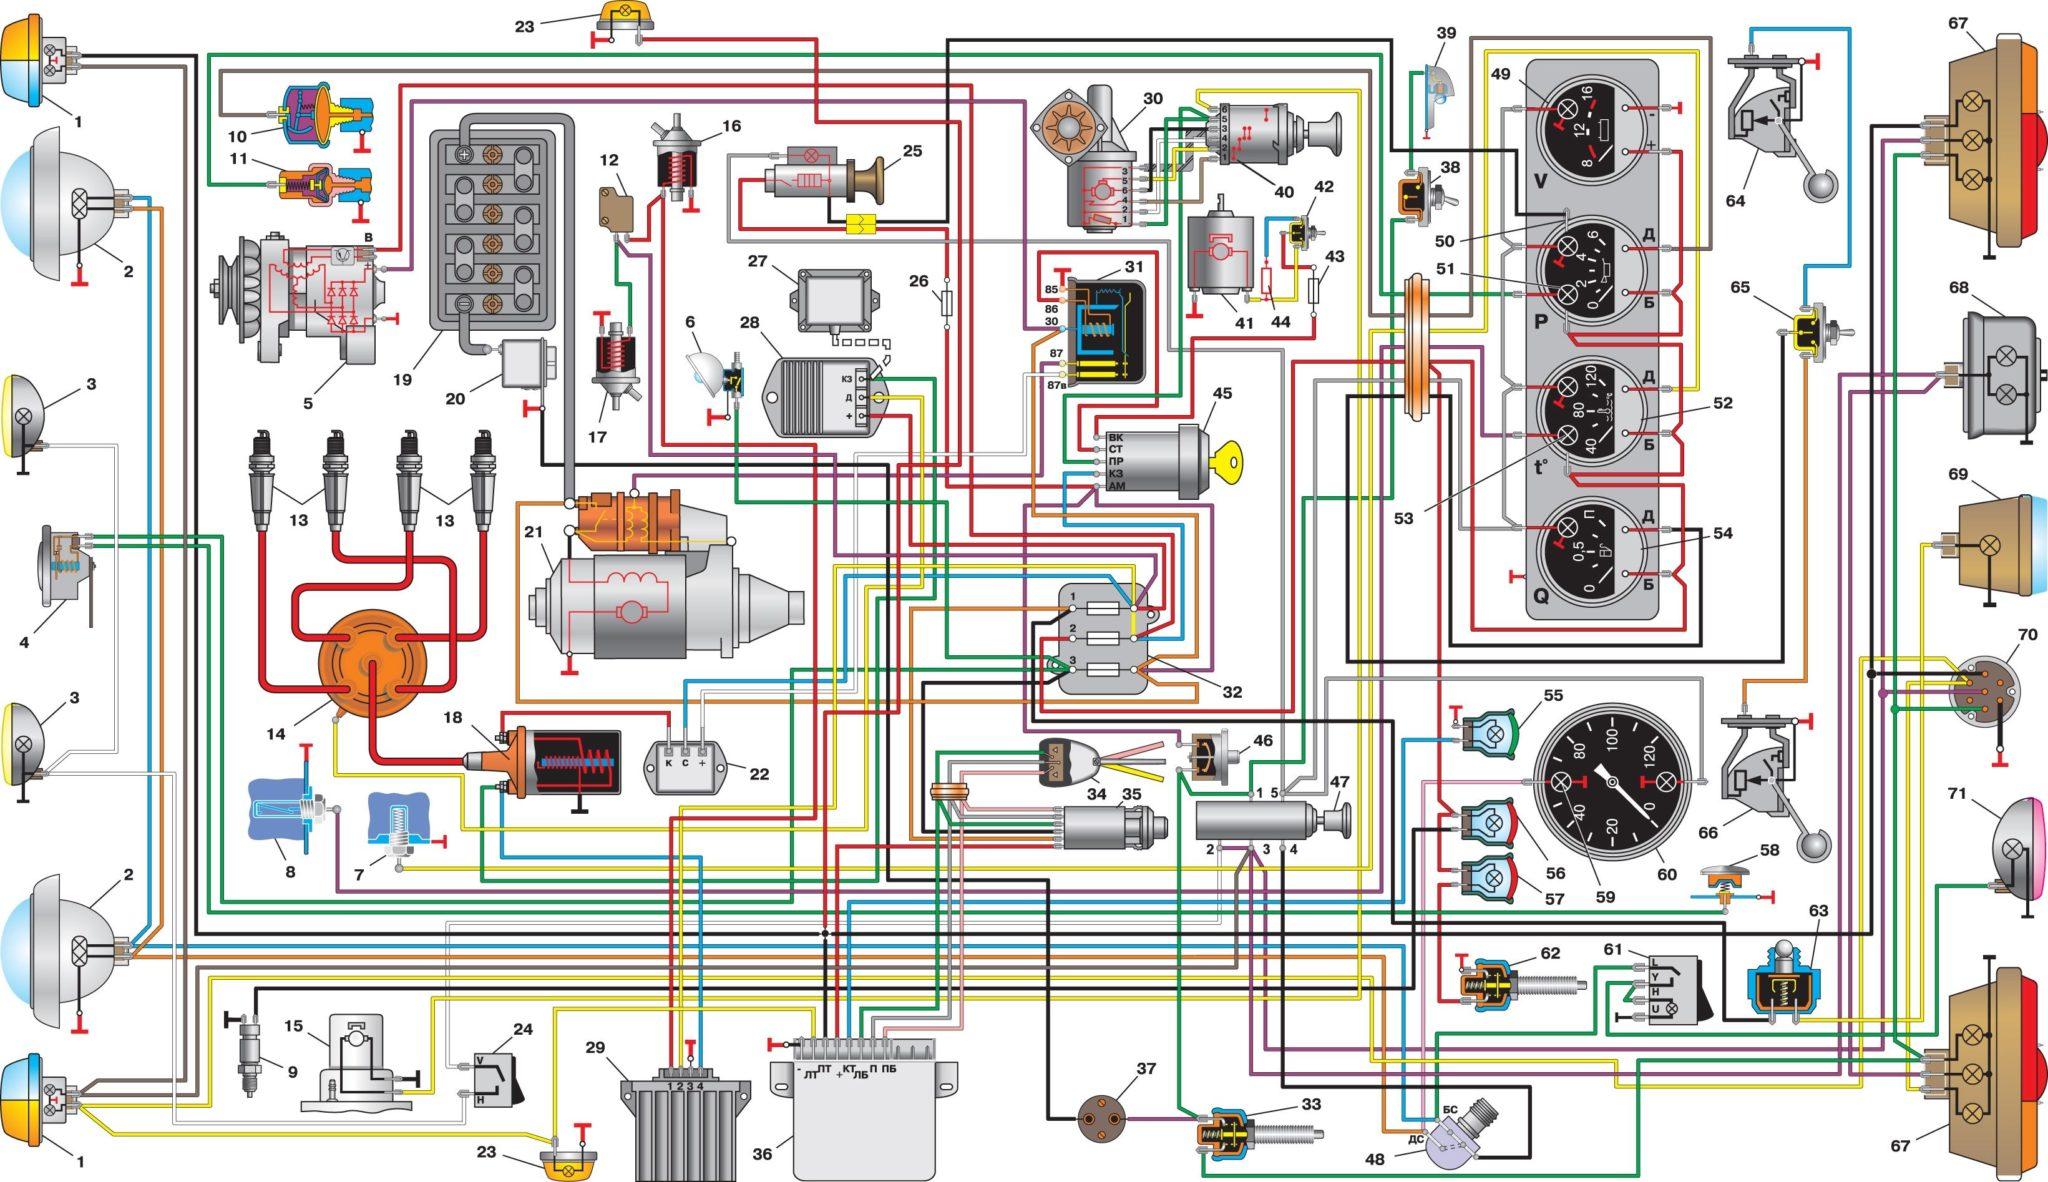 Уаз 396255 схема электропроводки